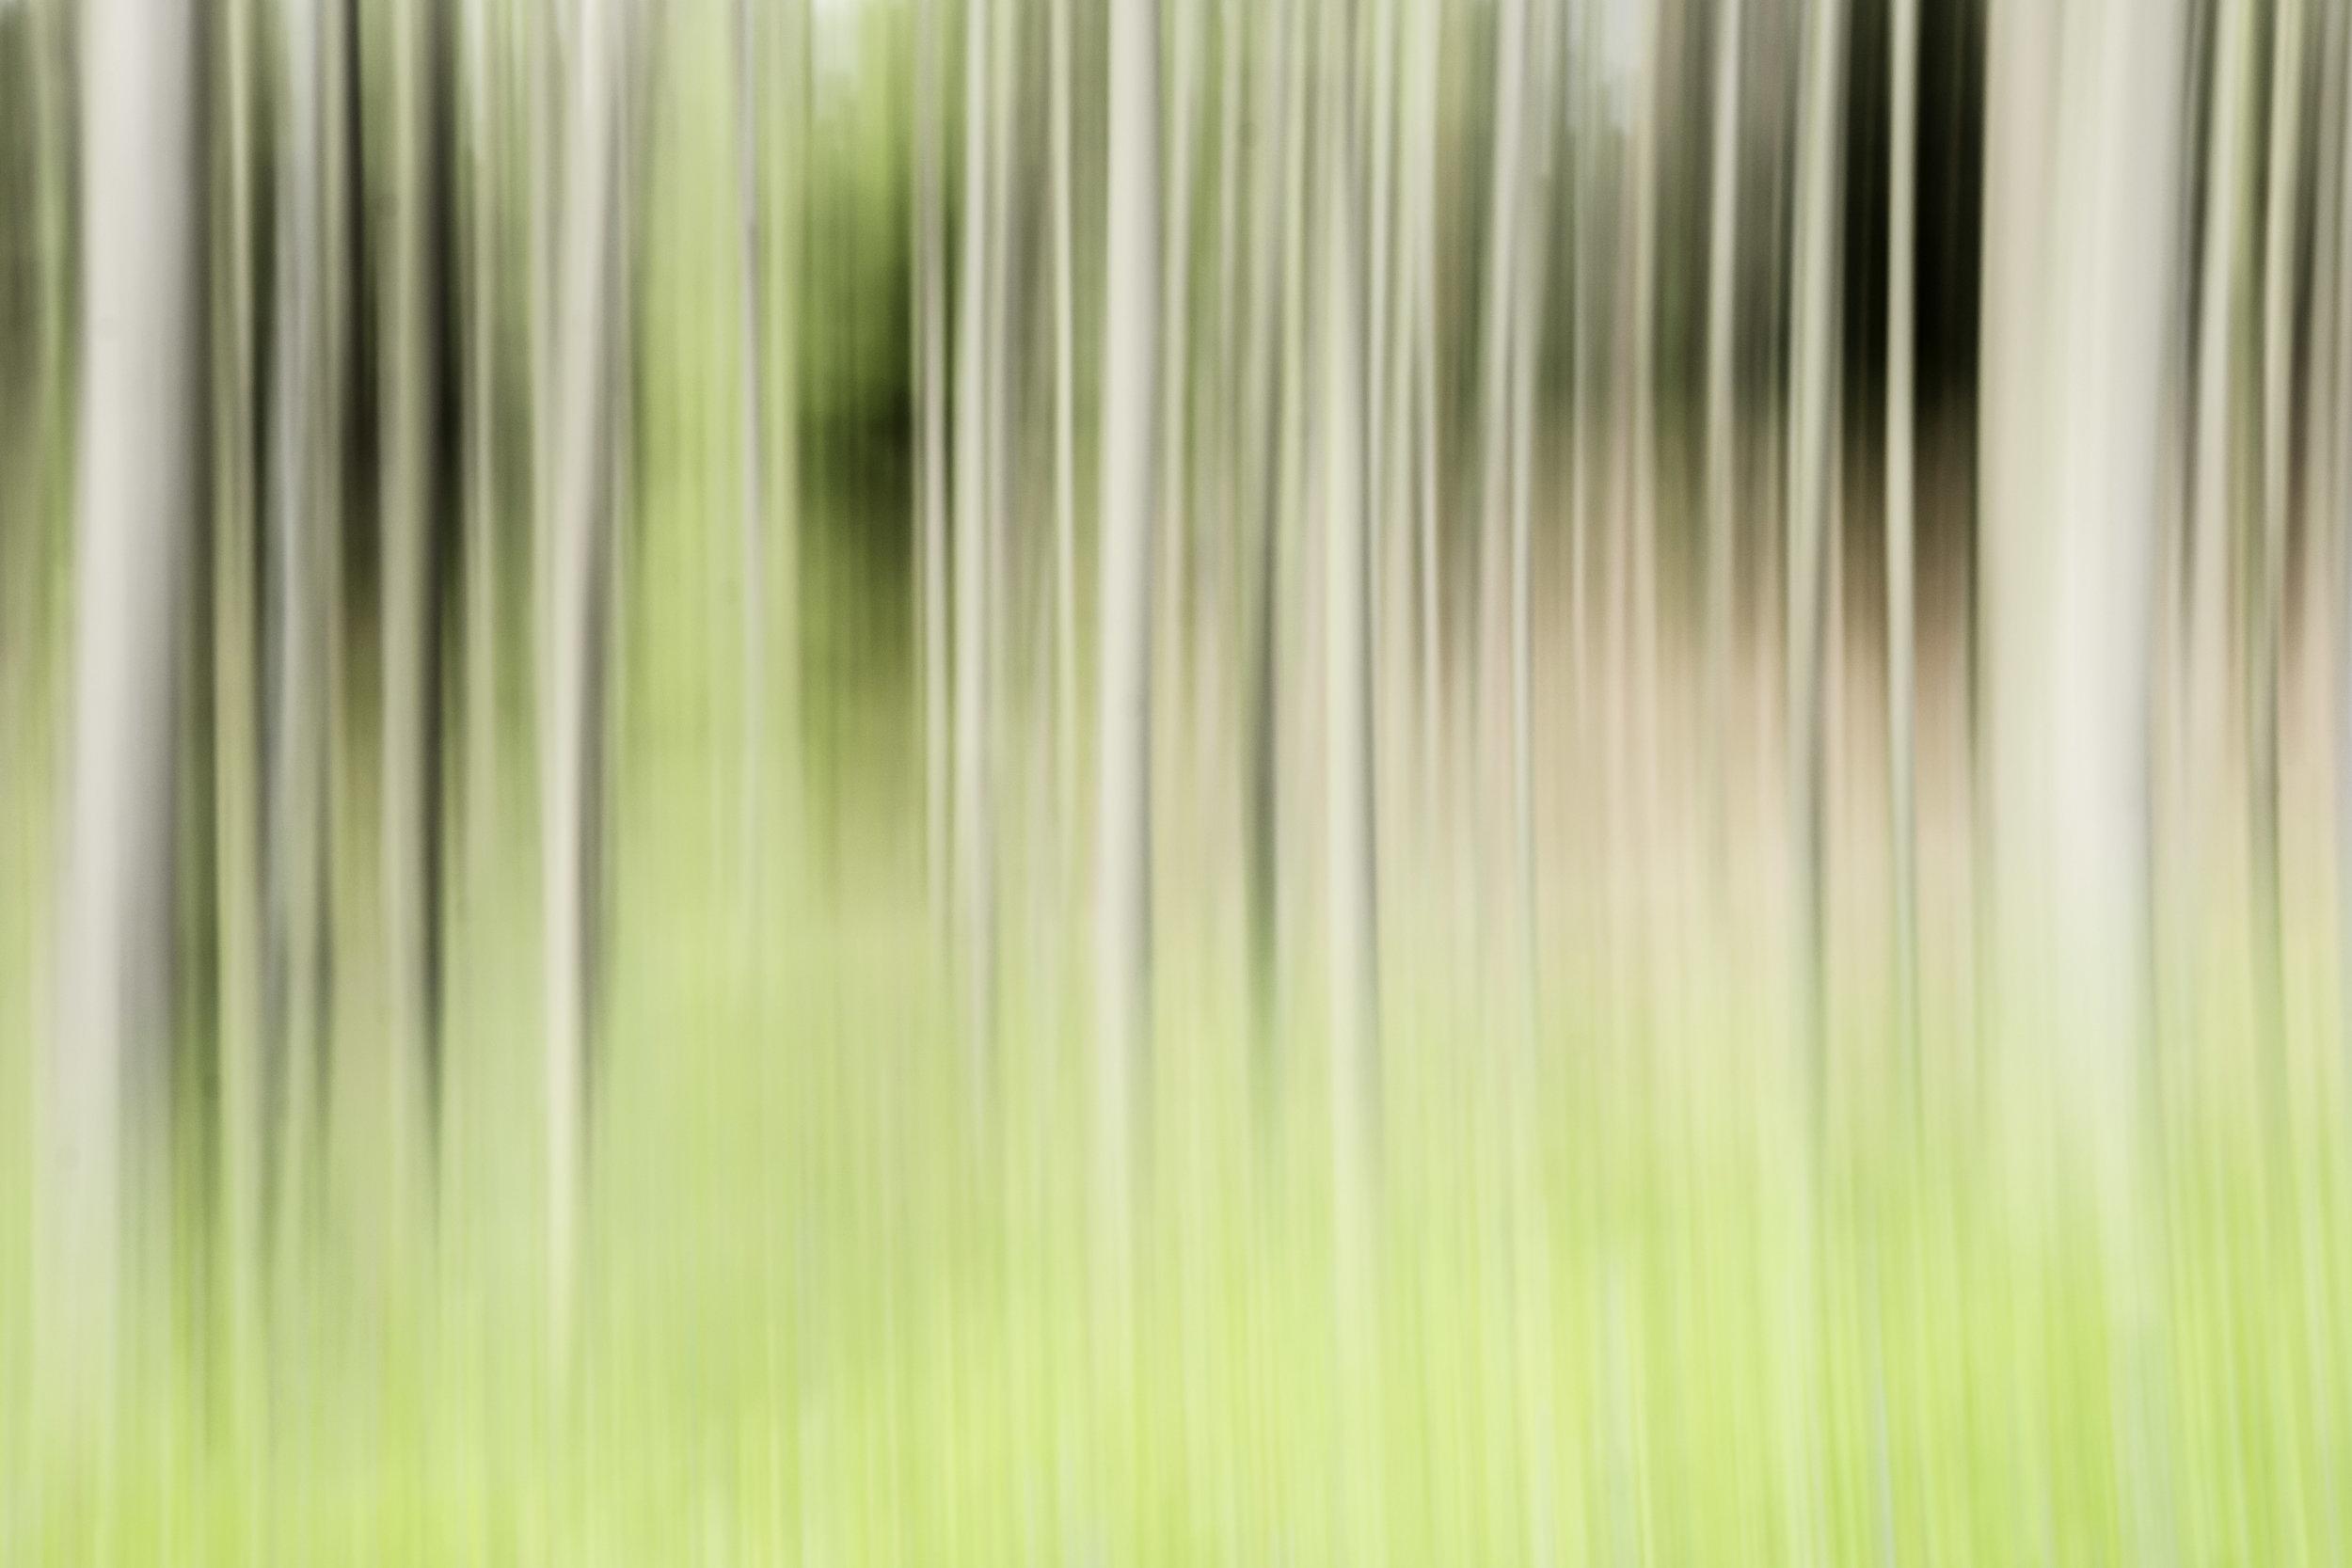 viewfinder-creatief-bos-fotograferen-pastel-5